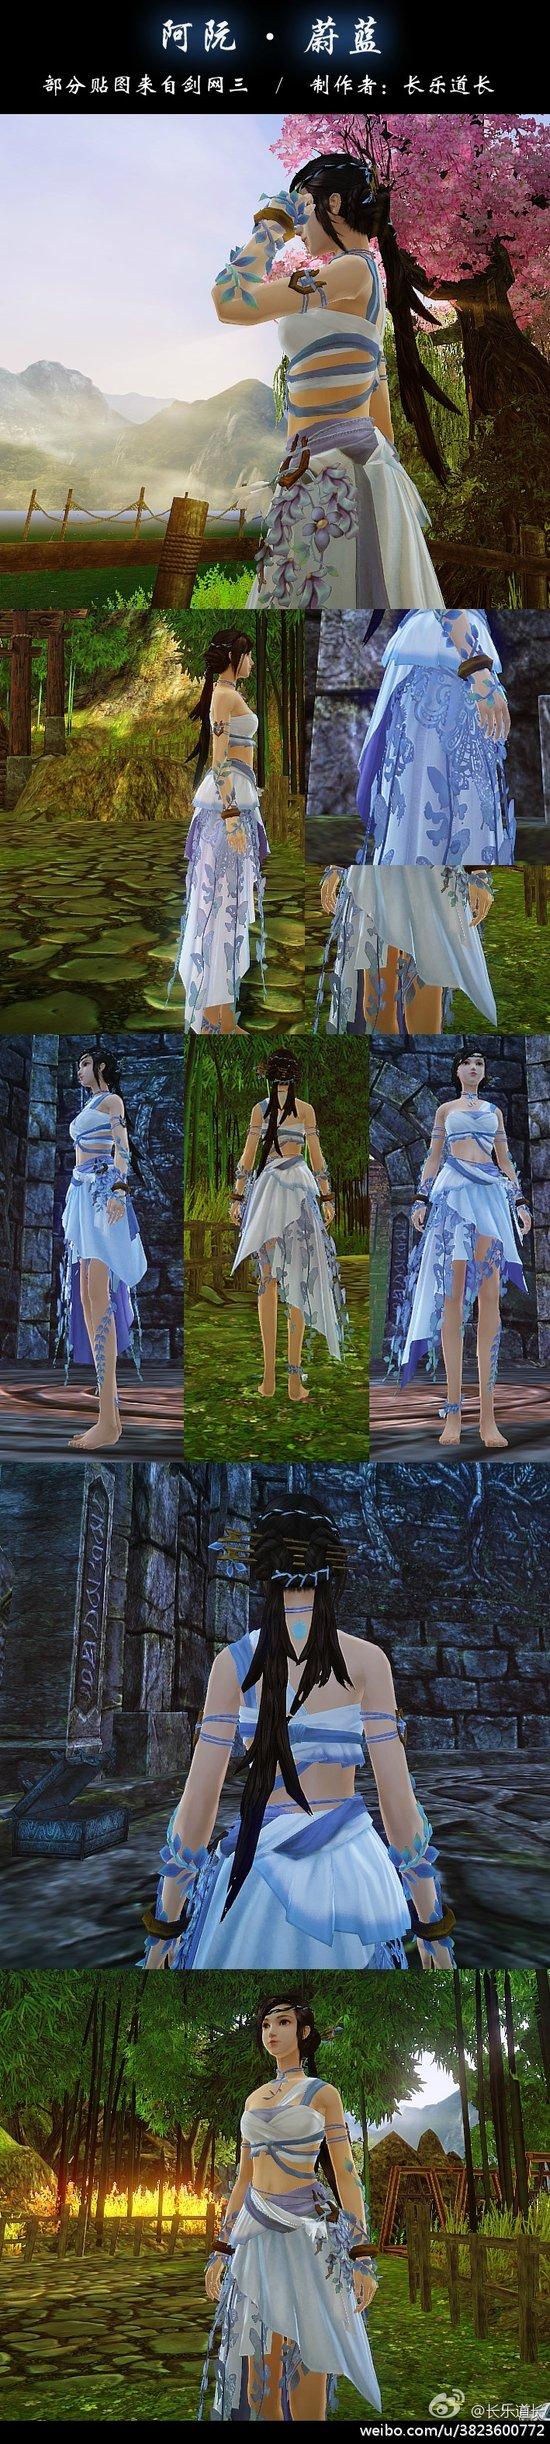 《古剑奇谭2》MOD 阿阮外装mod蔚蓝